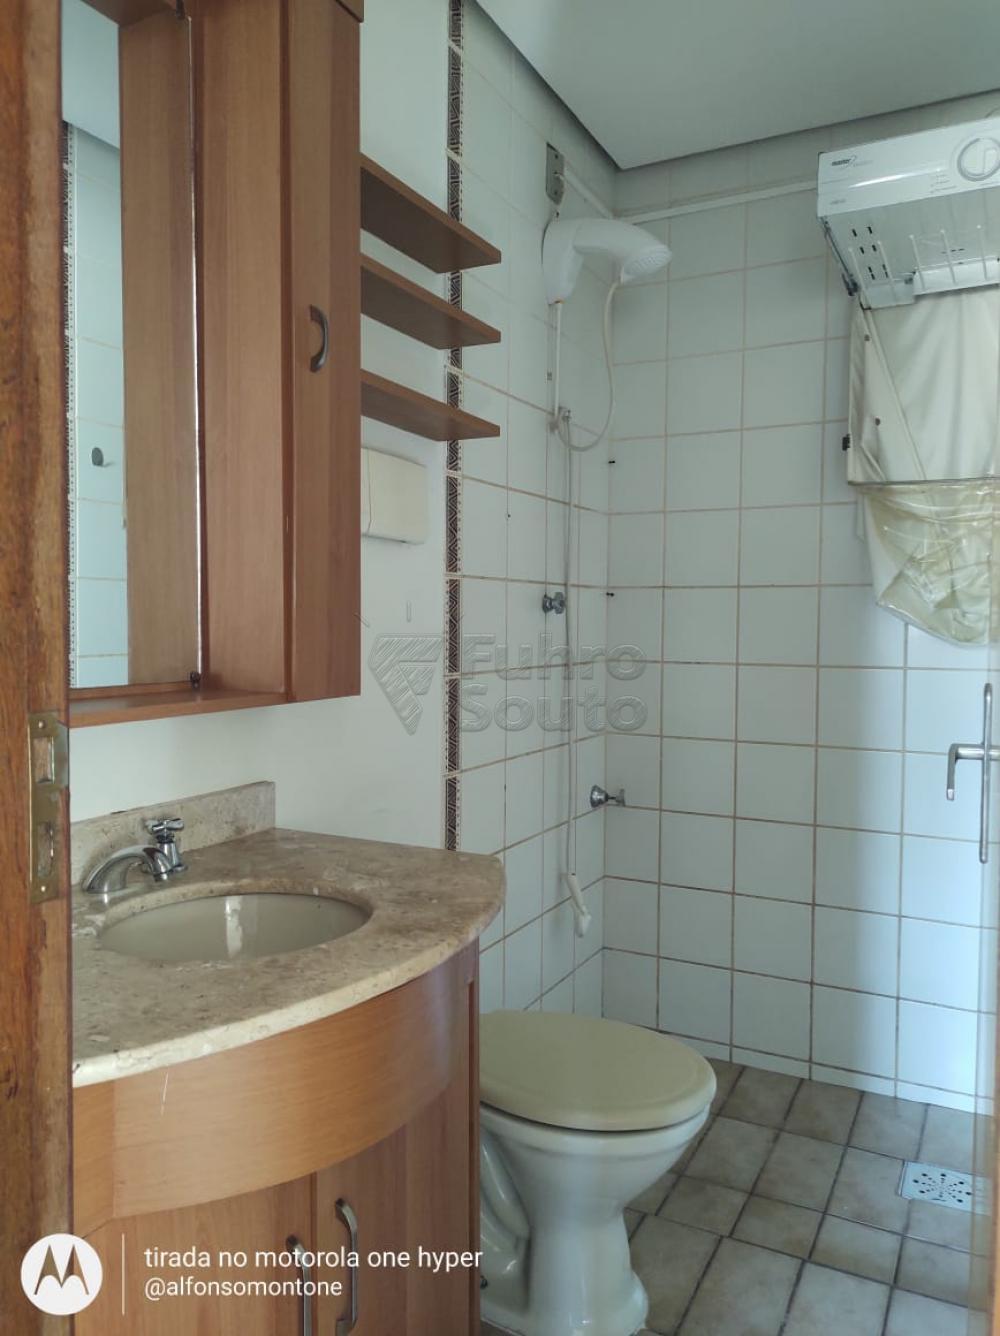 Comprar Apartamento / Padrão em Pelotas R$ 160.000,00 - Foto 7